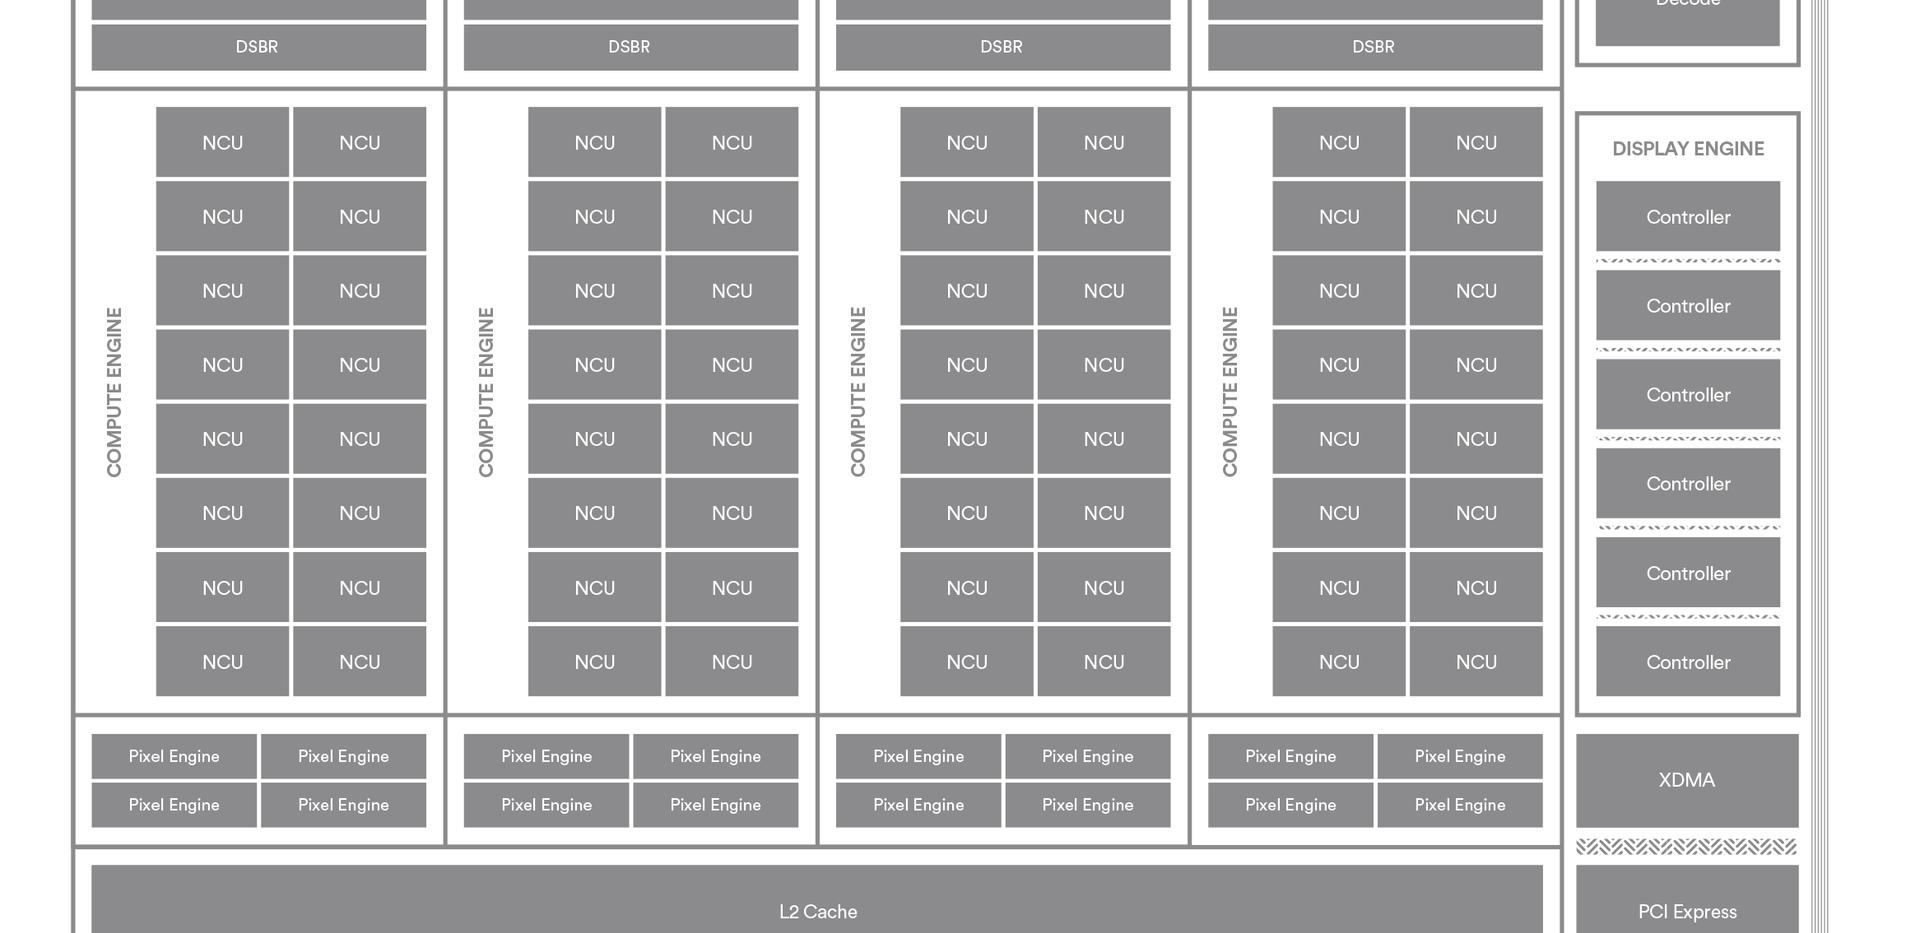 Vega 64's architectural block diagram